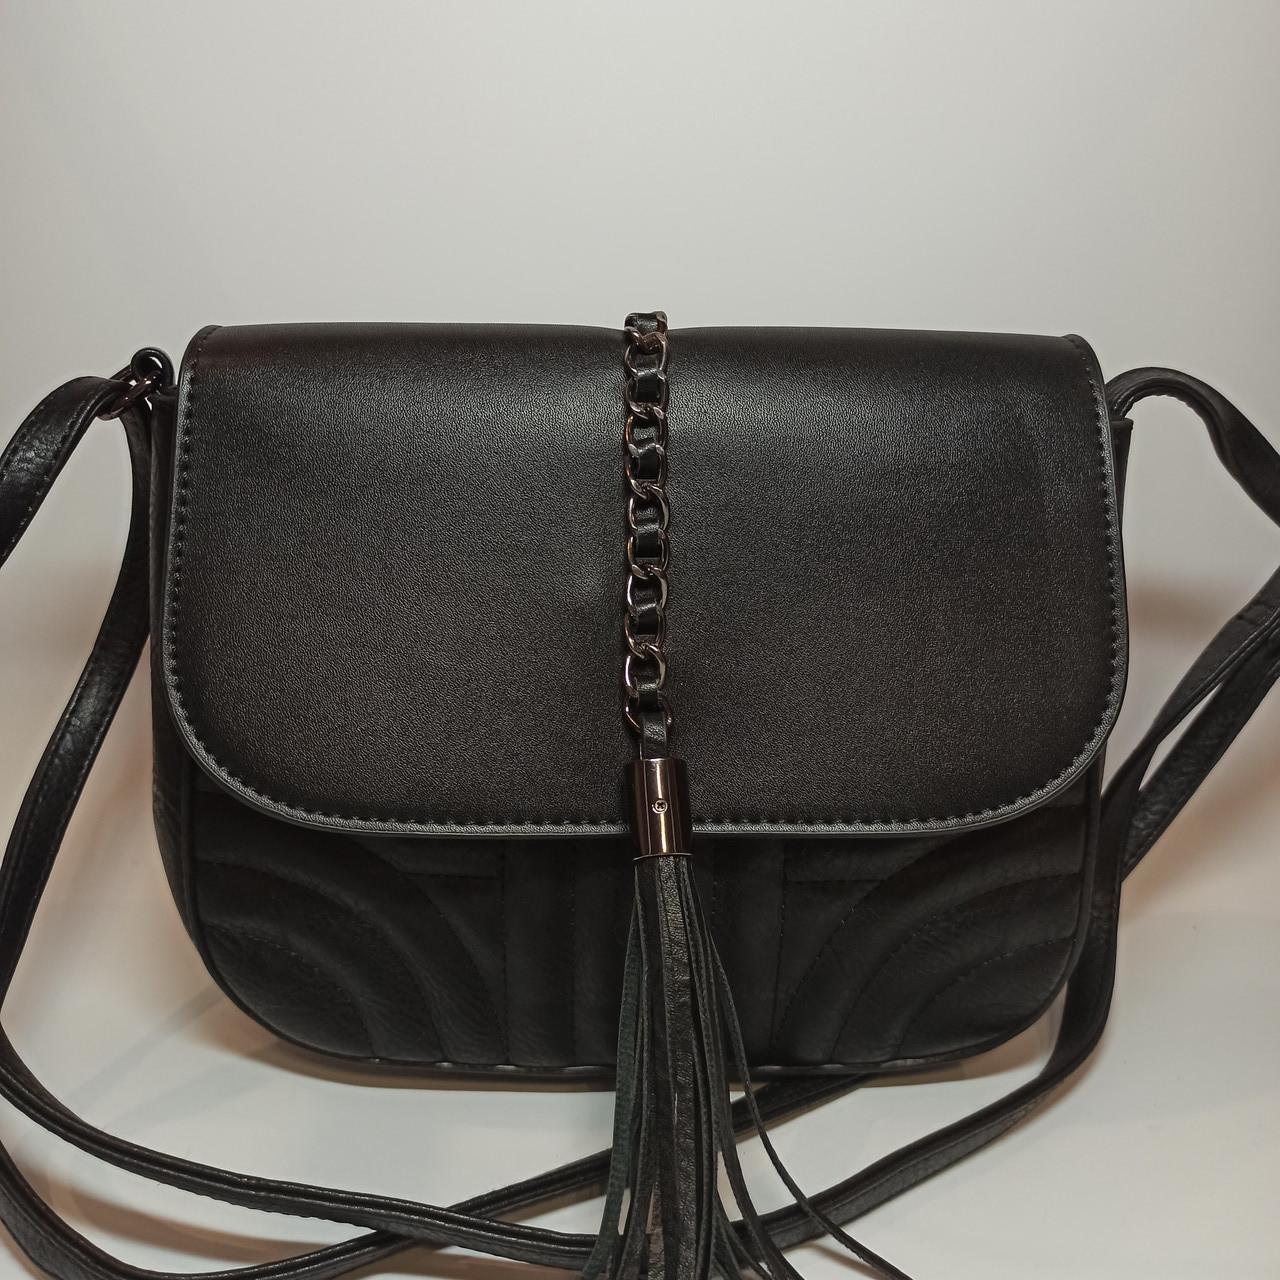 Жіноча сумка плншетка клатч / Женская сумка планшетка клатч H369-1